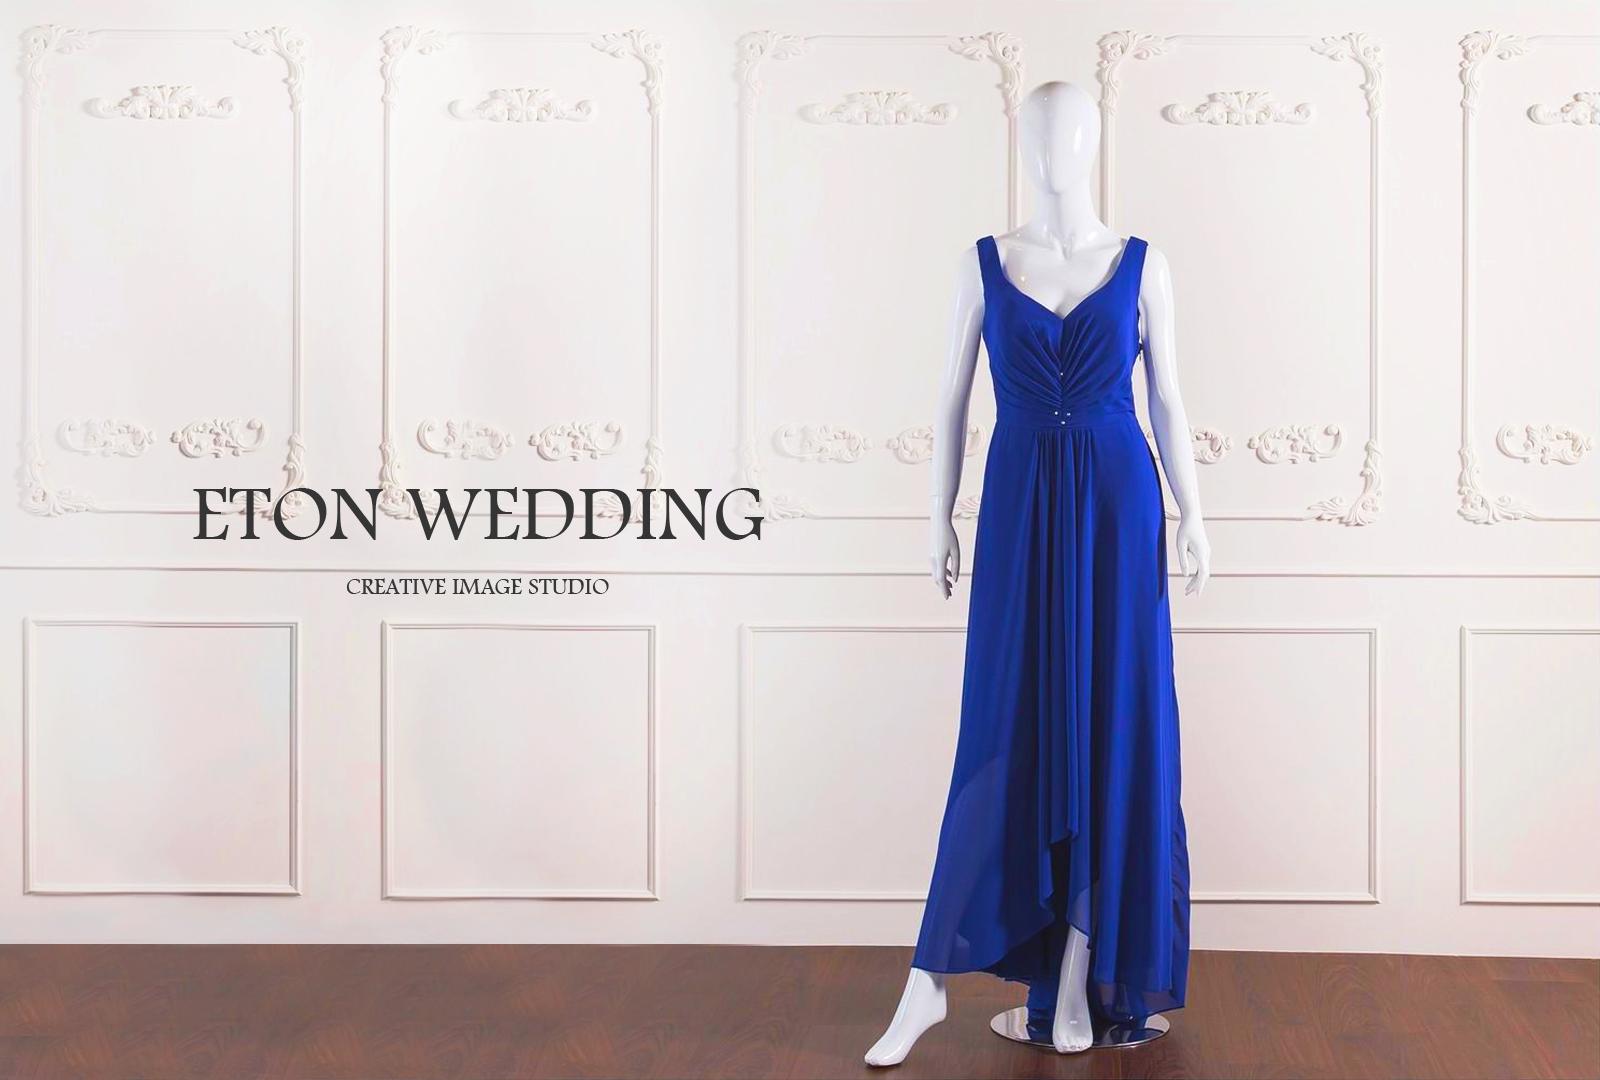 自助婚紗,媽媽服出租,媽媽禮服,媽媽服,手工禮服,媽媽服 推薦